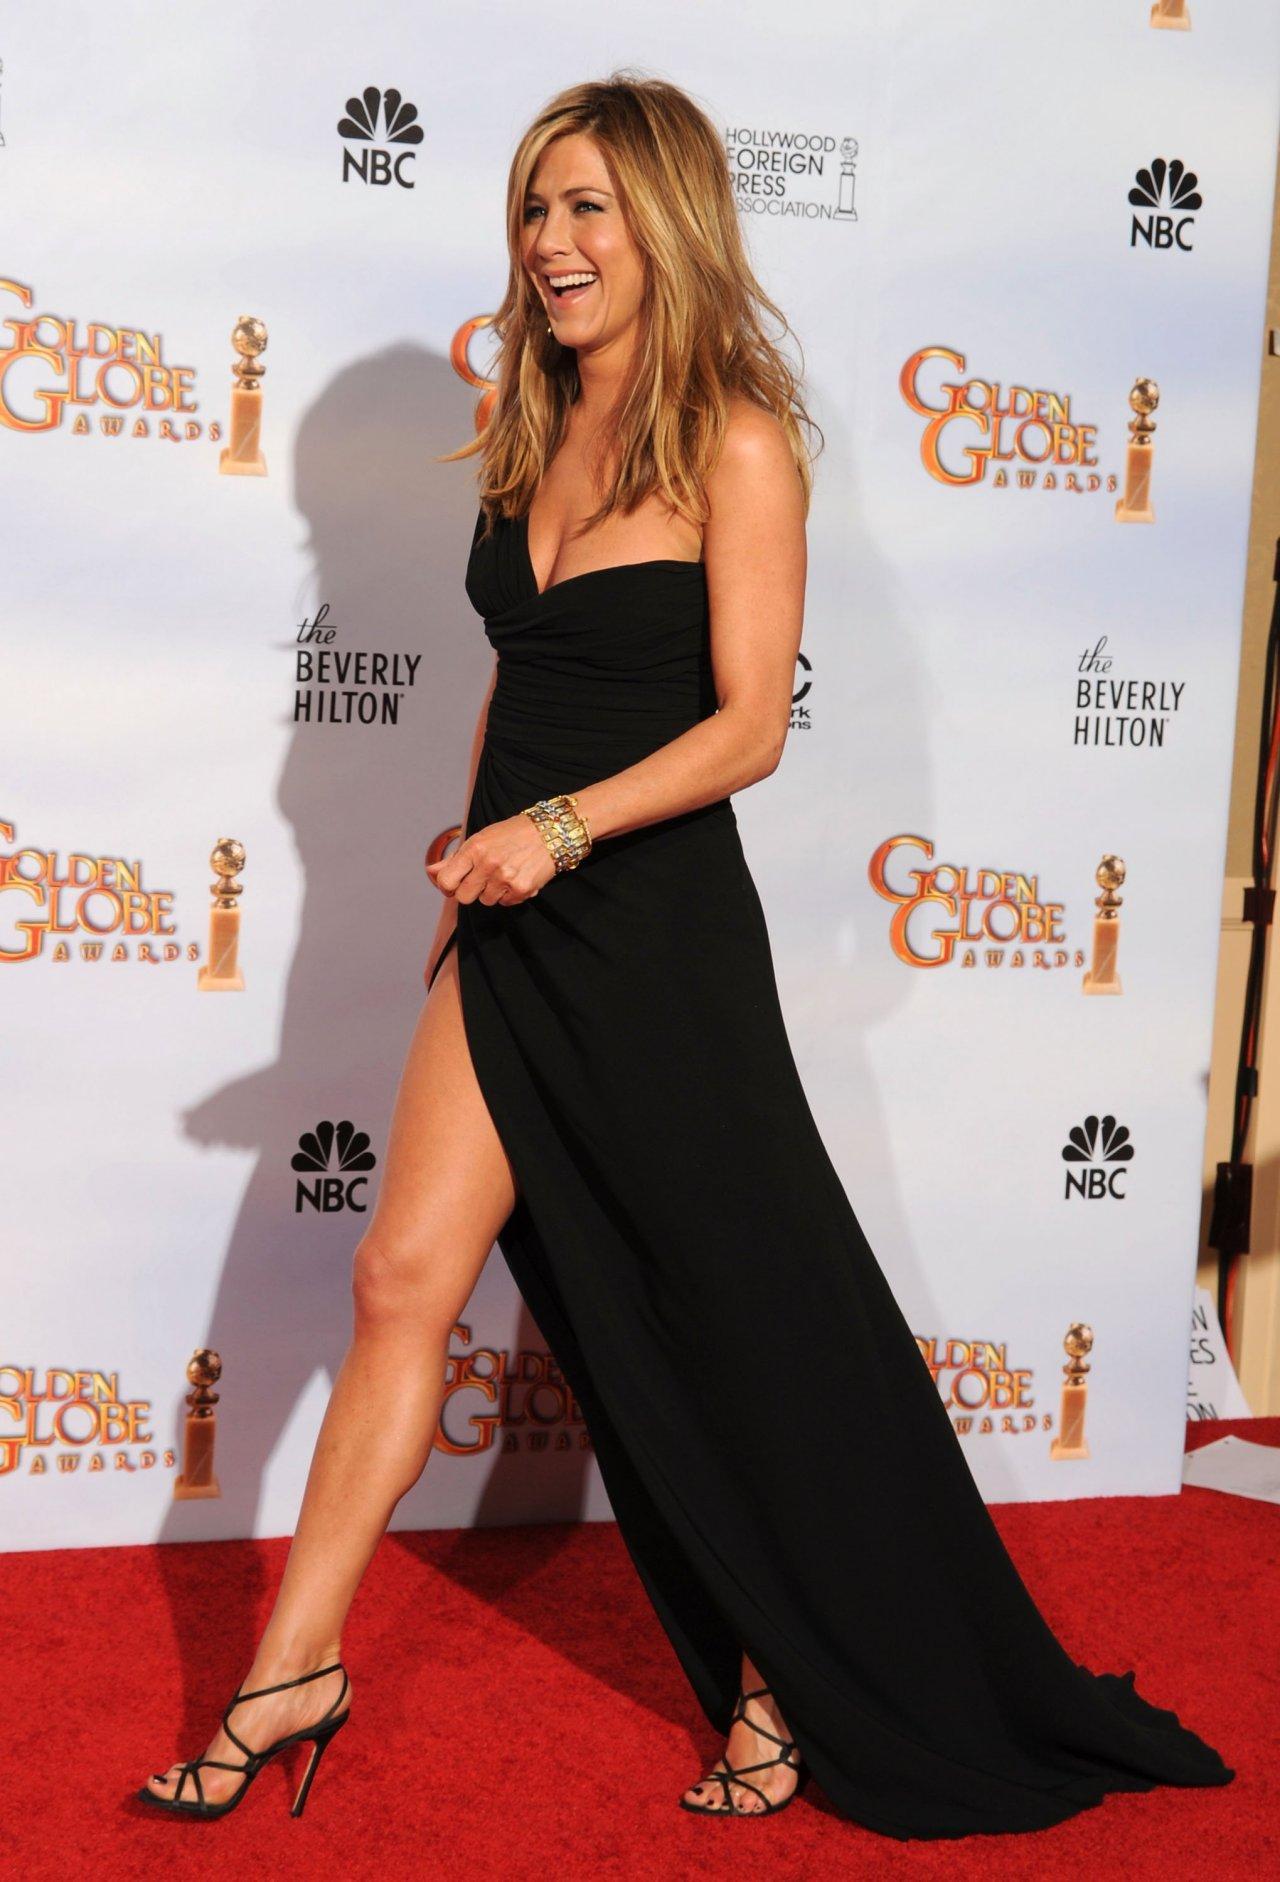 Ecco le caviglie più sexy, quelle di #JenniferAniston. L'arma di seduzione delle donne qual è secondo voi? @paolopiva http://t.co/wAmiRv8fxs